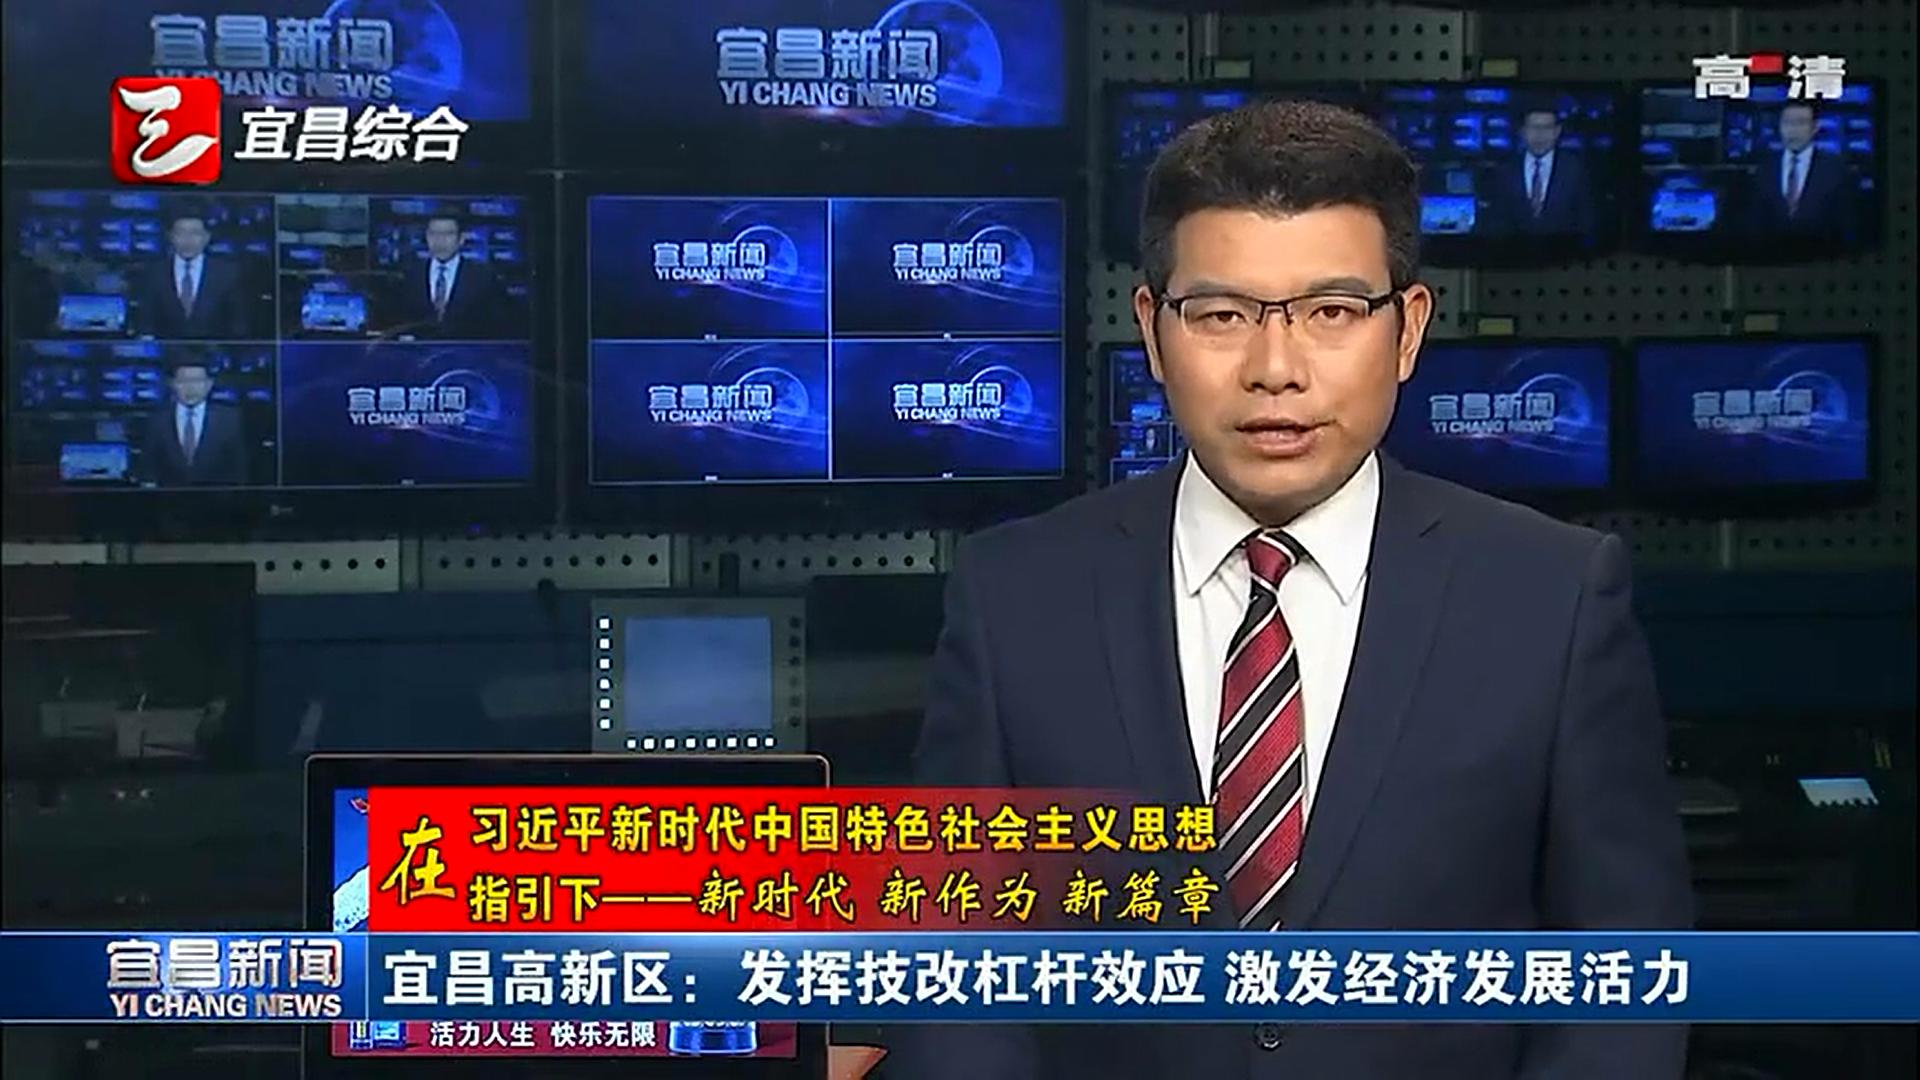 宜昌高新区:发挥技改杠杆效应 激发经济发展活力